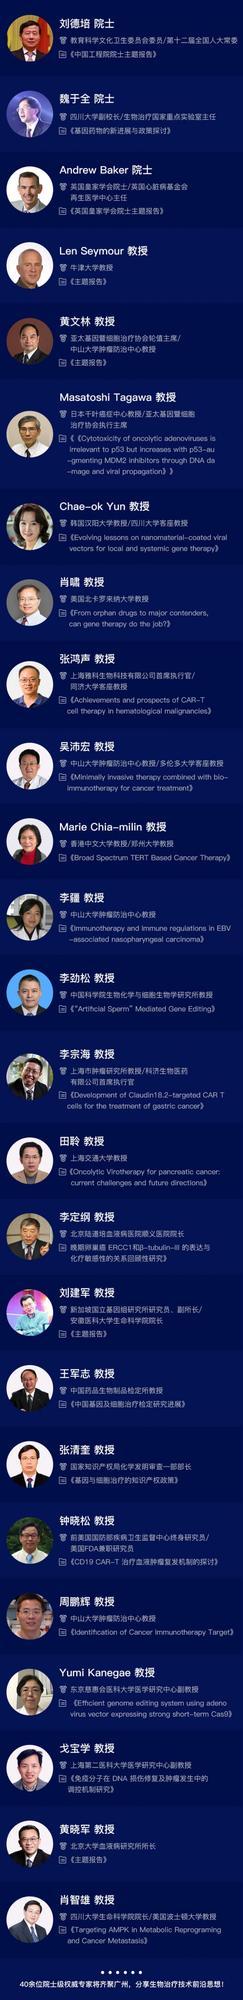 第四届亚太基因暨细胞治疗协会学术年会报名开启